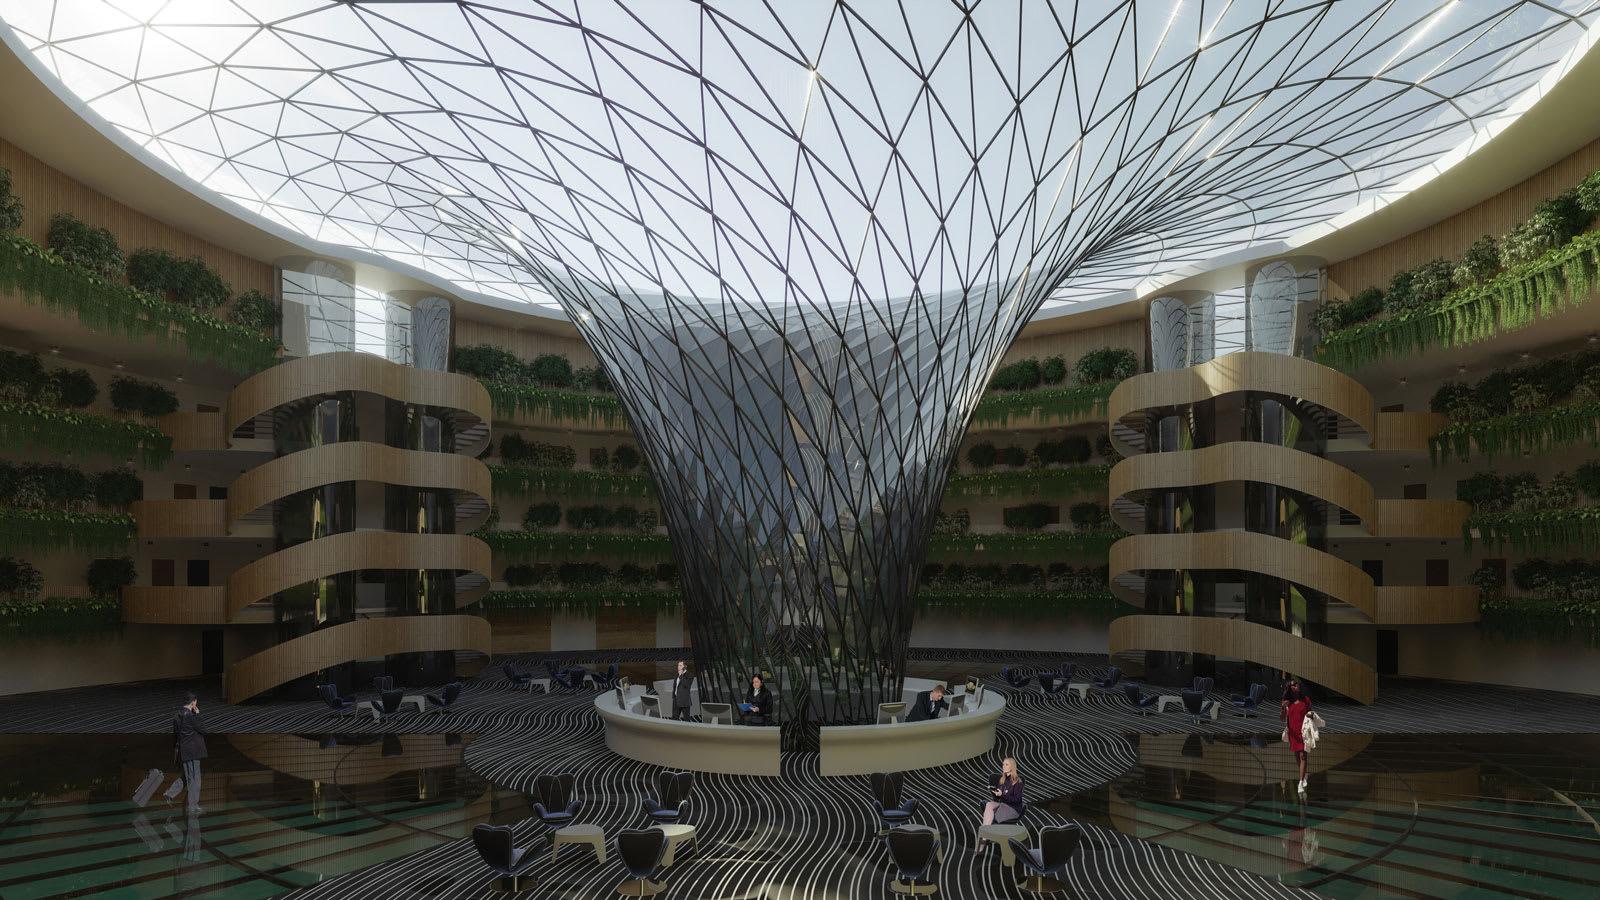 في قطر.. قد يتحول مفهوم فندق عائم ودوّار يصنع الكهرباء الخاص به إلى حقيقة